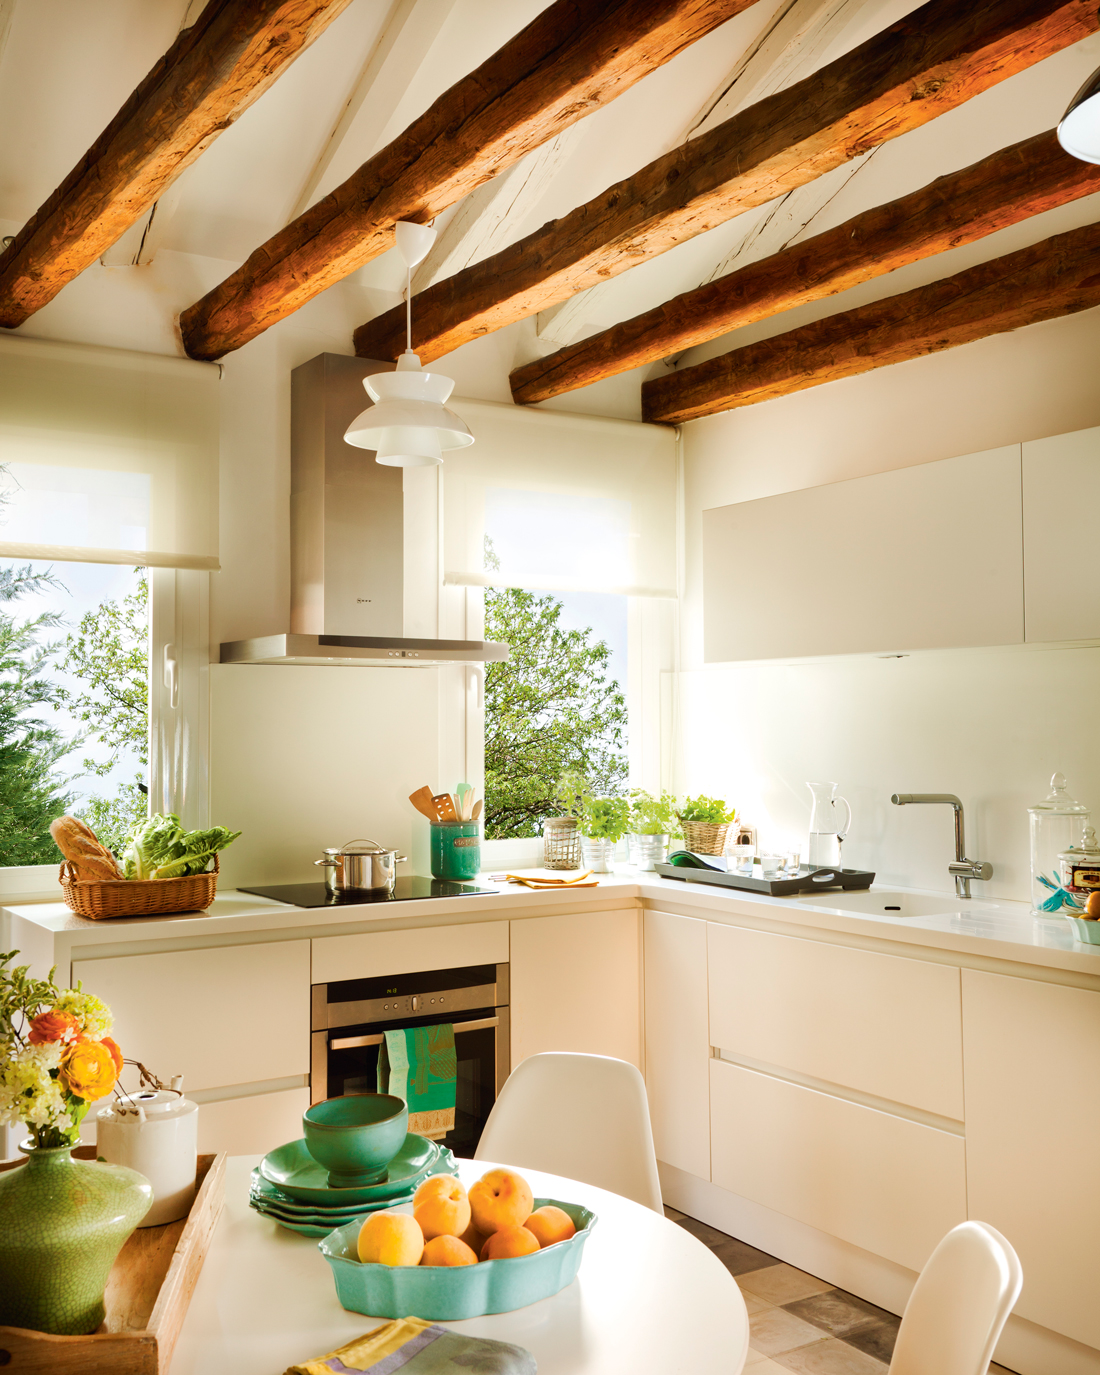 Reformar la cocina de low cost a presupuestos de 3000 euros - Reformar cocina pequena ...